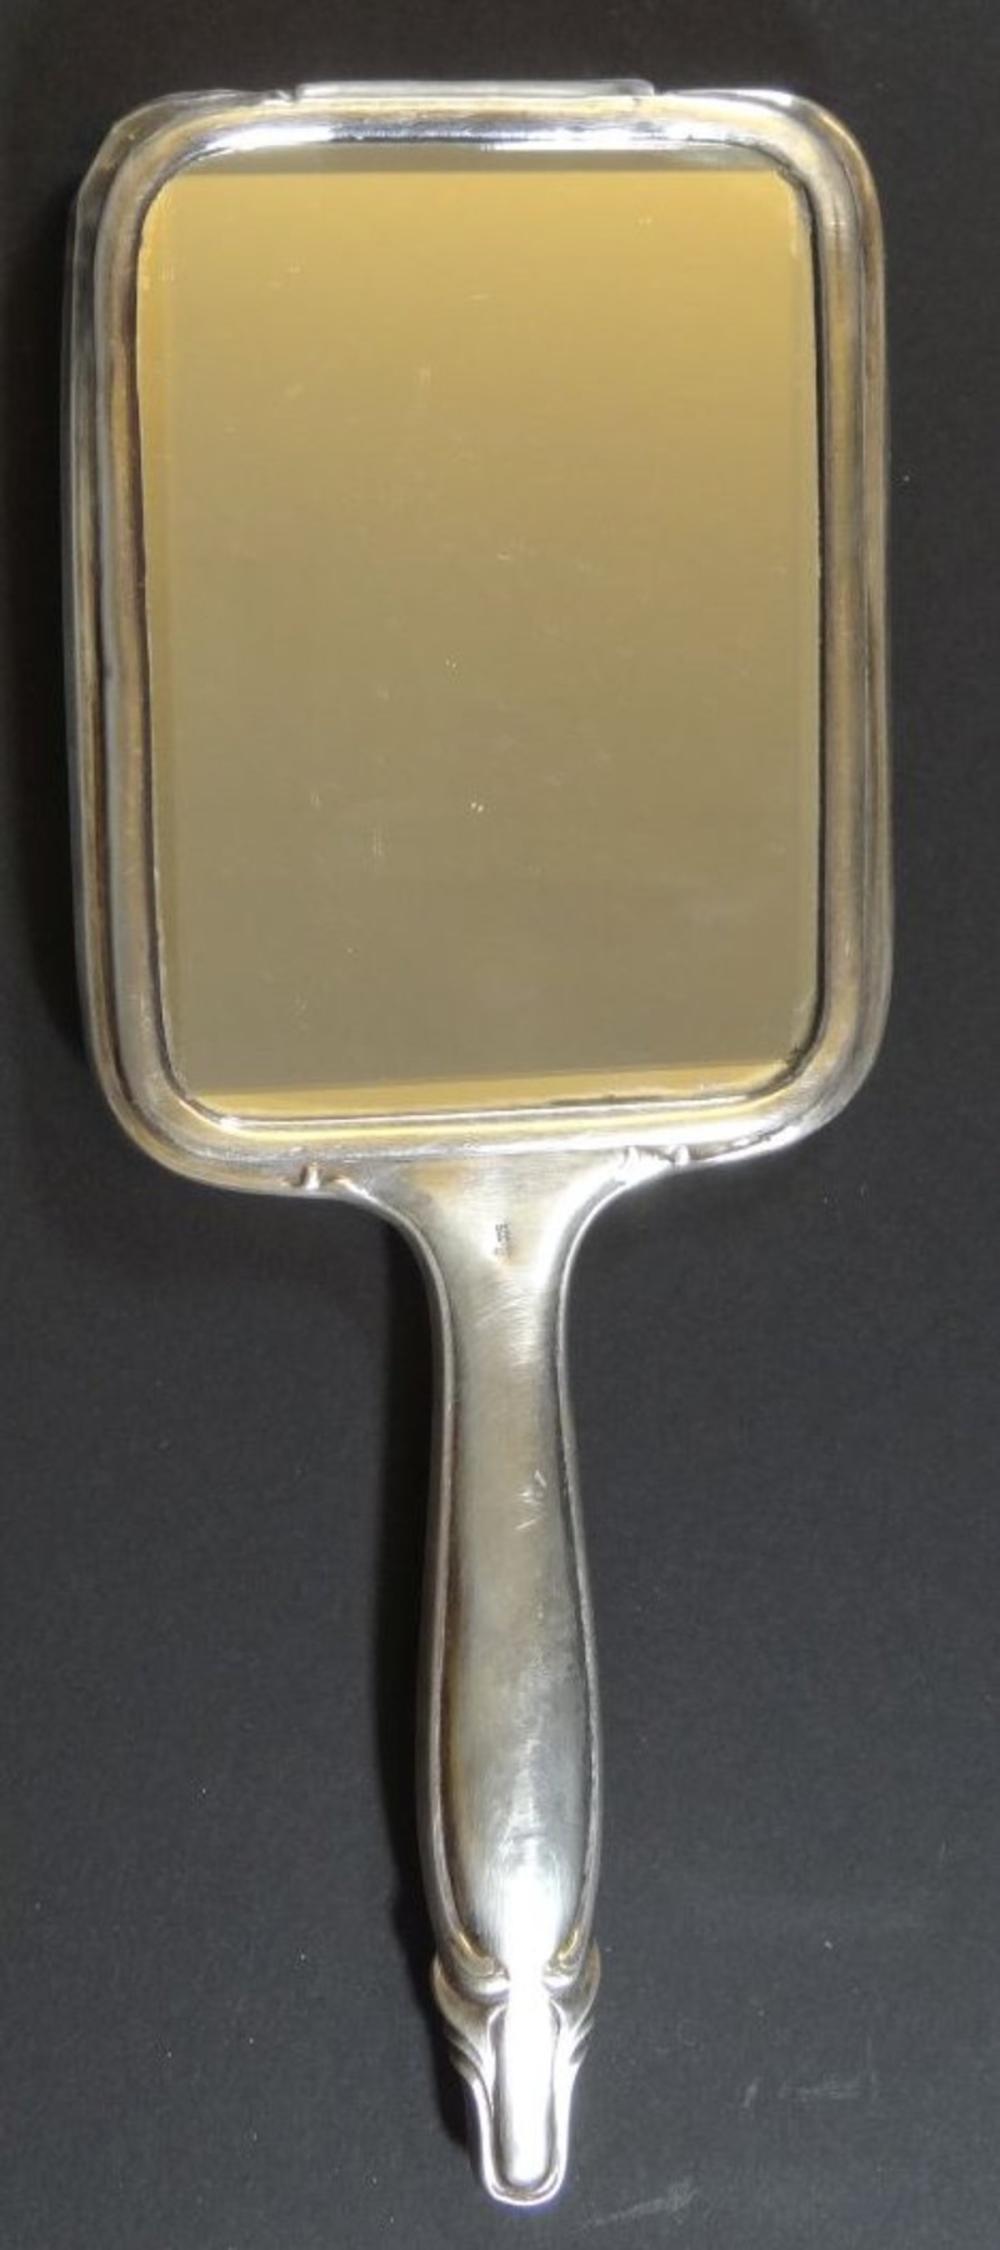 einzelner Handspiegel, Silber-800-